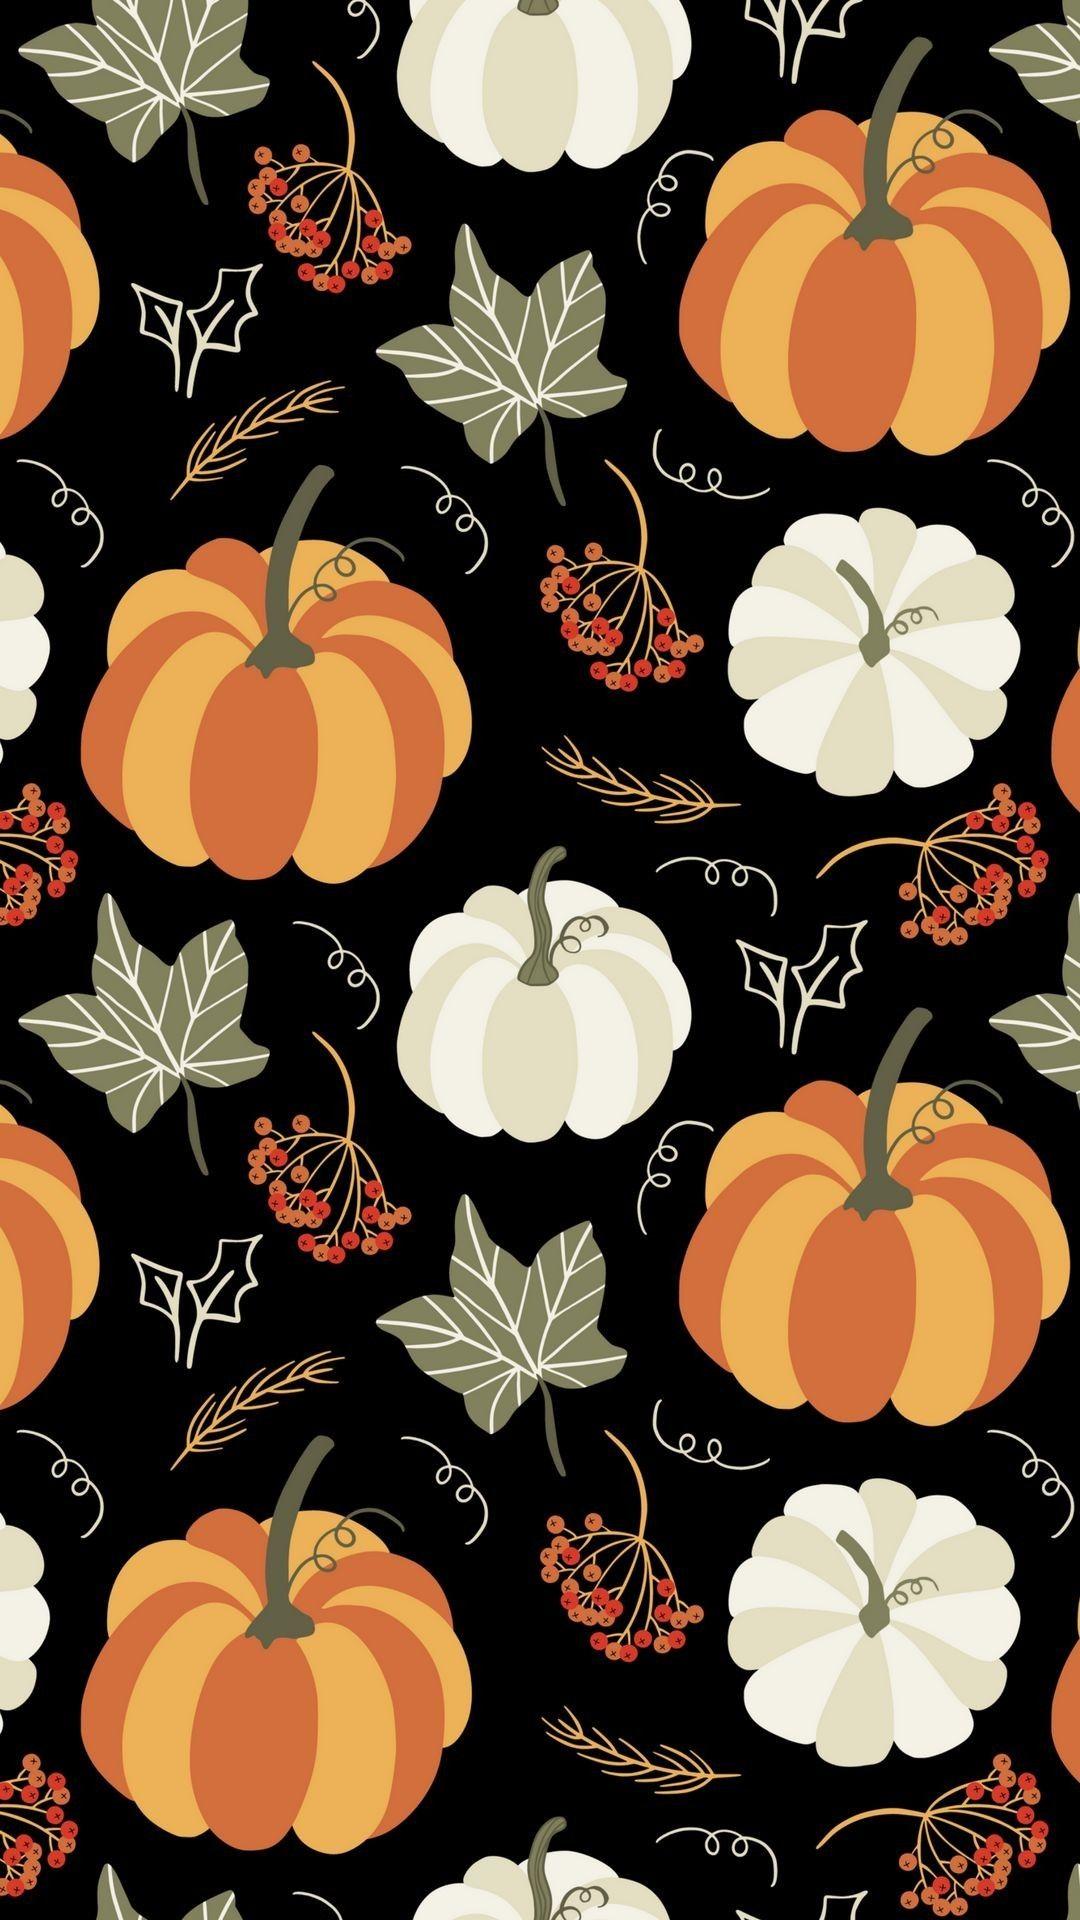 Backgrounds Fall Wallpaper Halloween Wallpaper Iphone Pumpkin Wallpaper